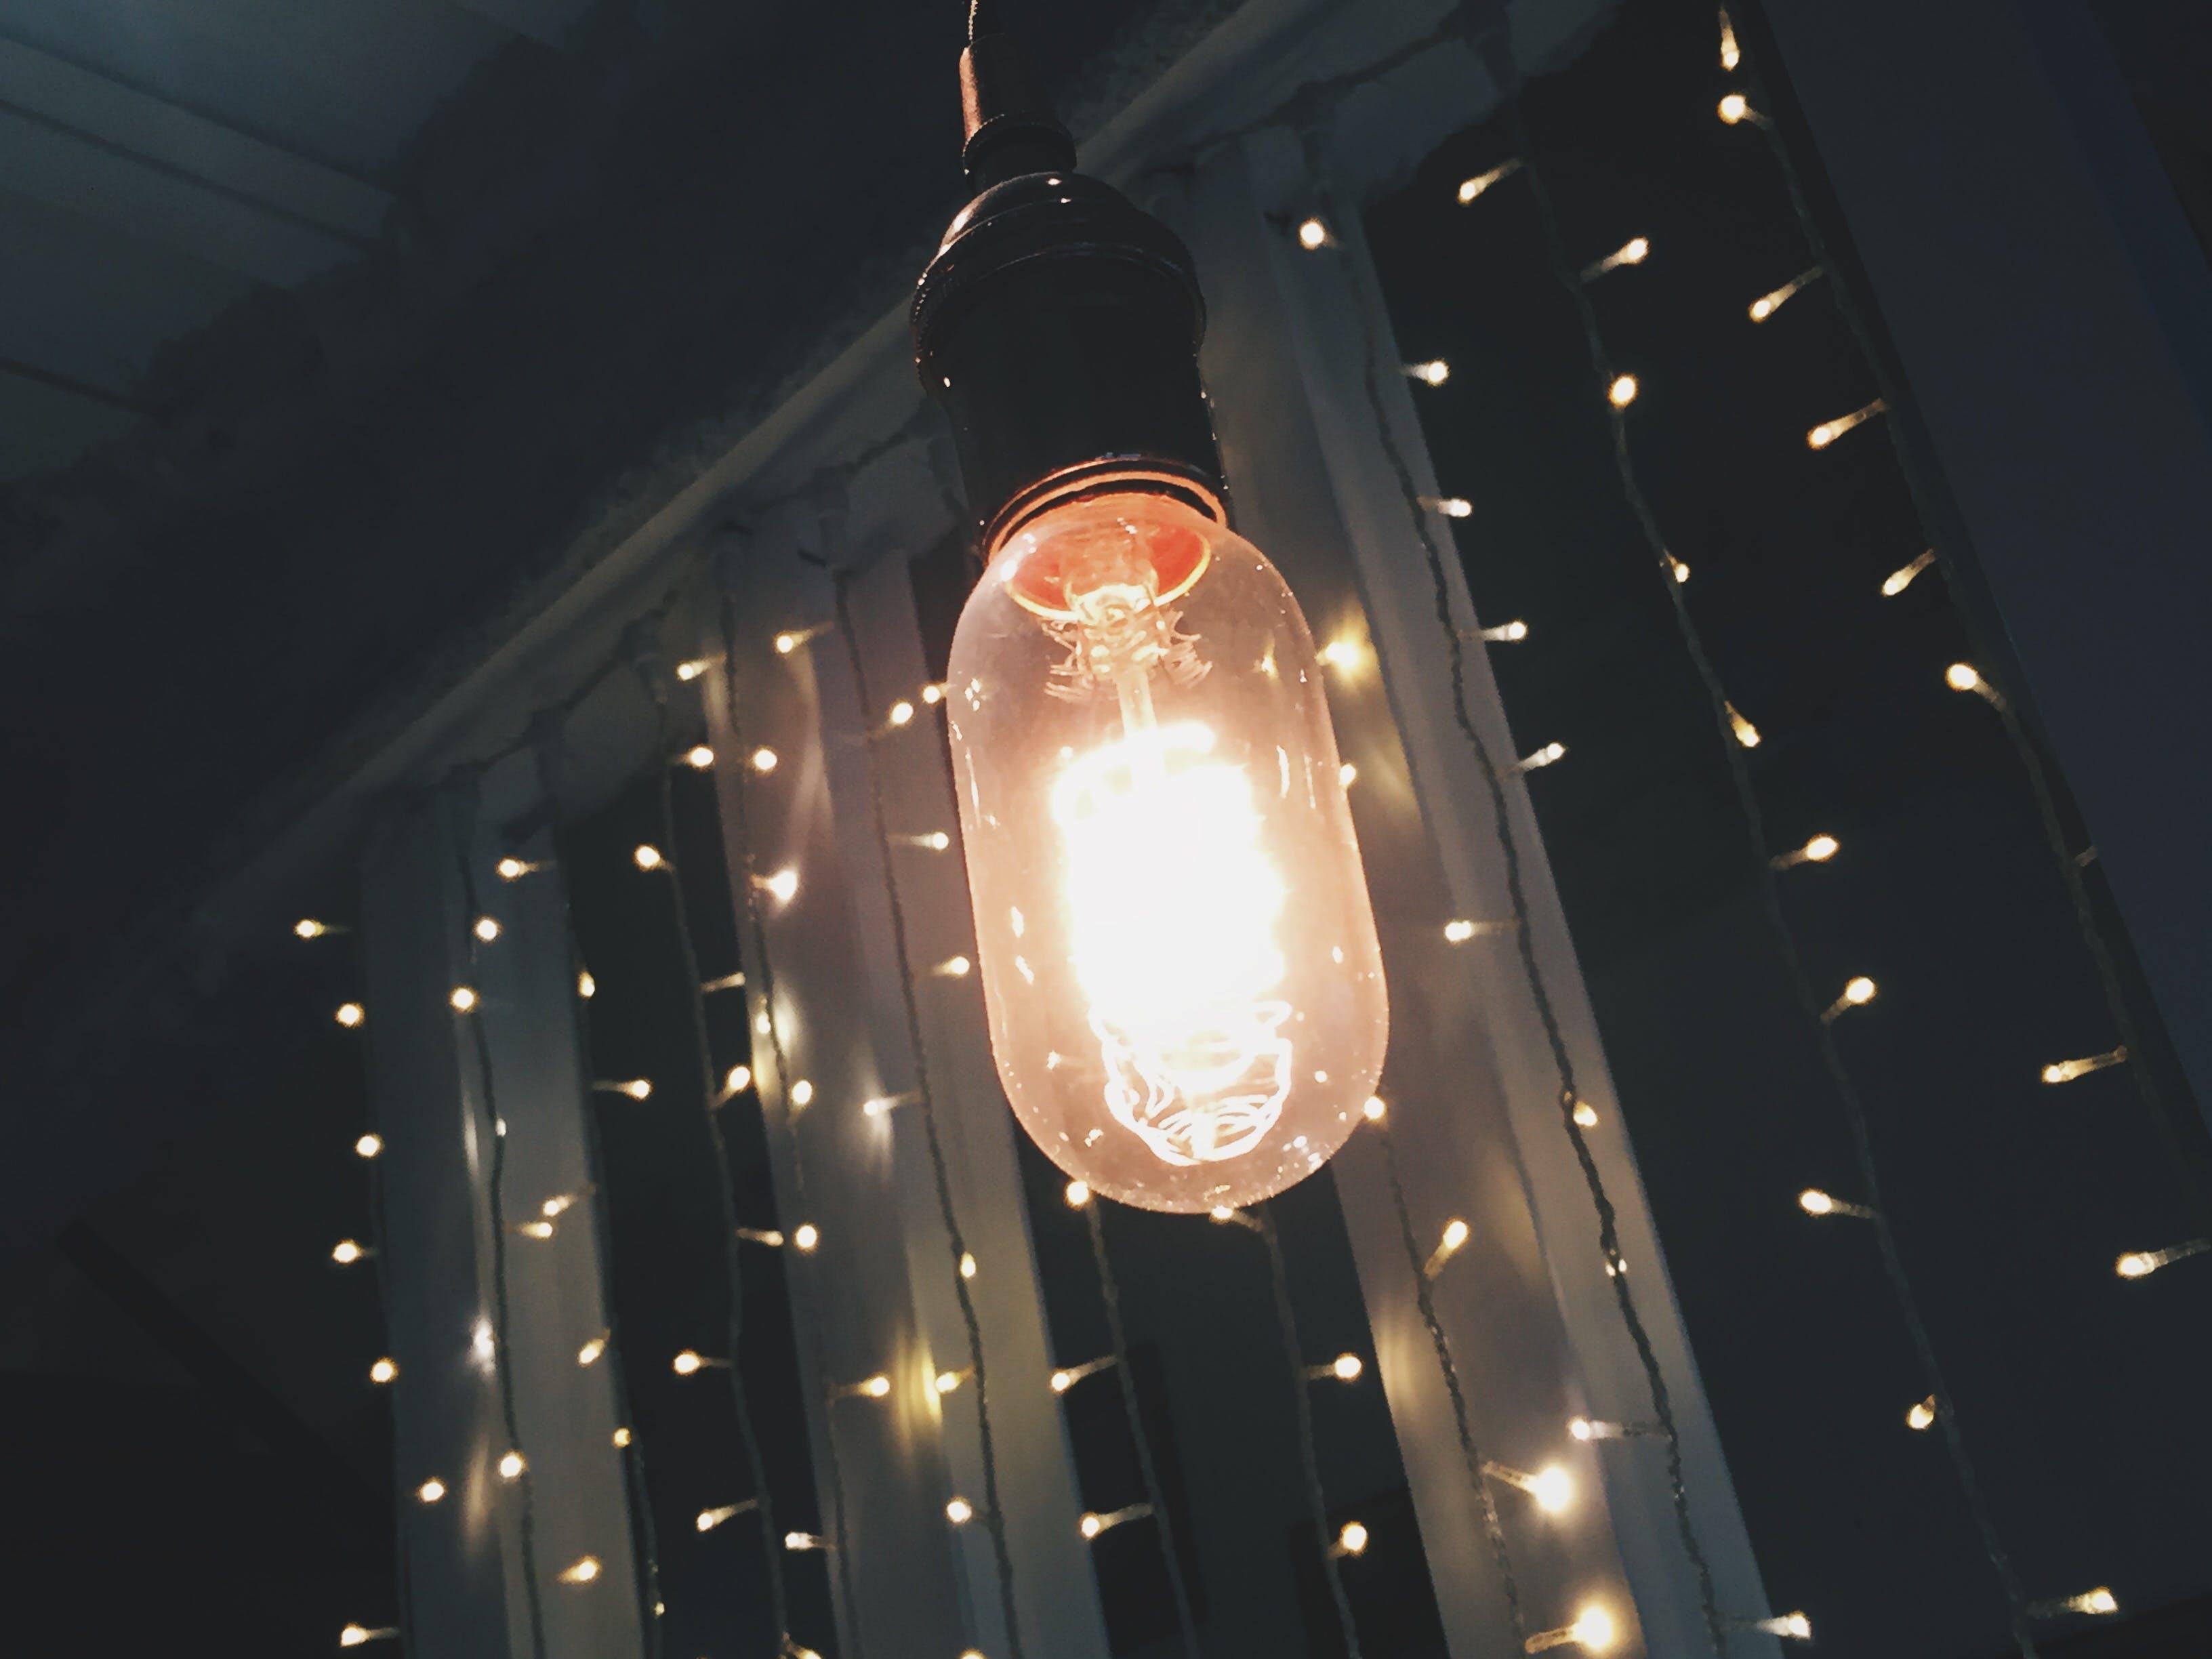 Free stock photo of light beam